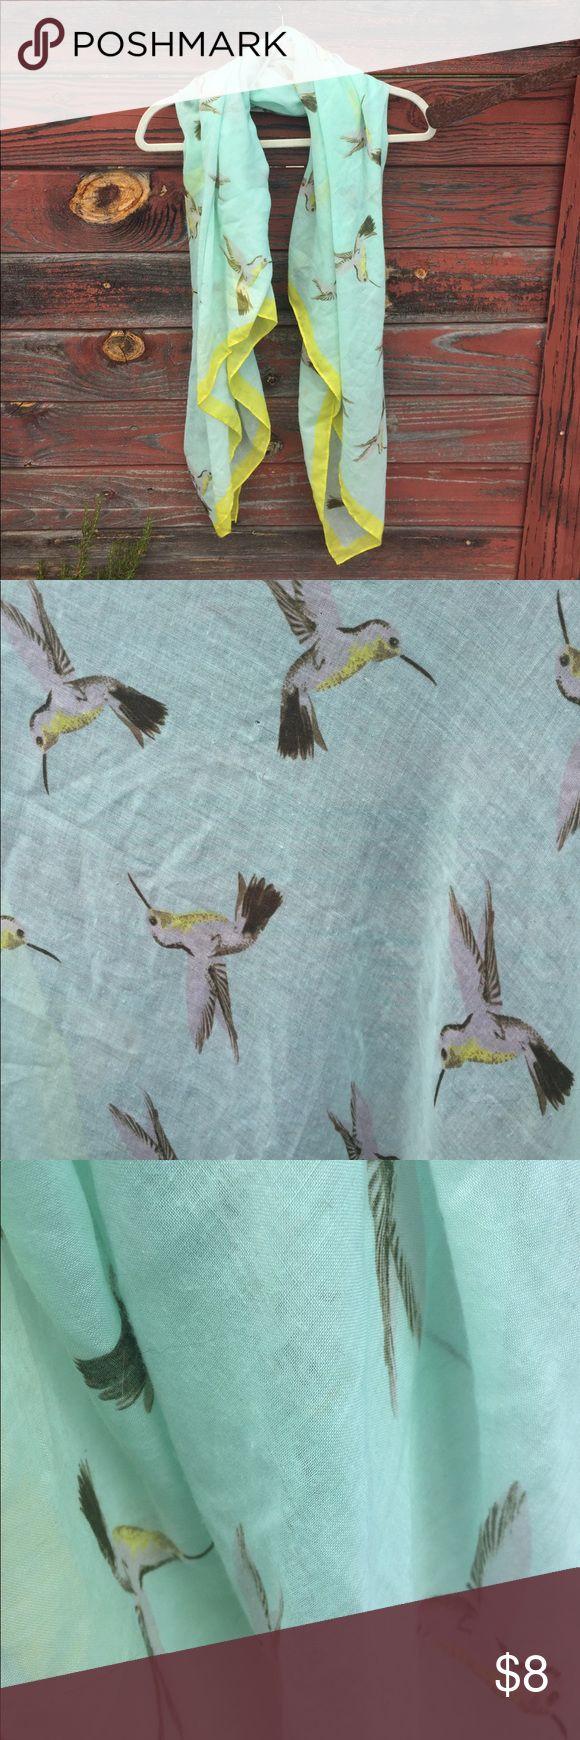 Wrap Pure - Un Vol D'oiseau De Vida Vida ttOjgUI1P